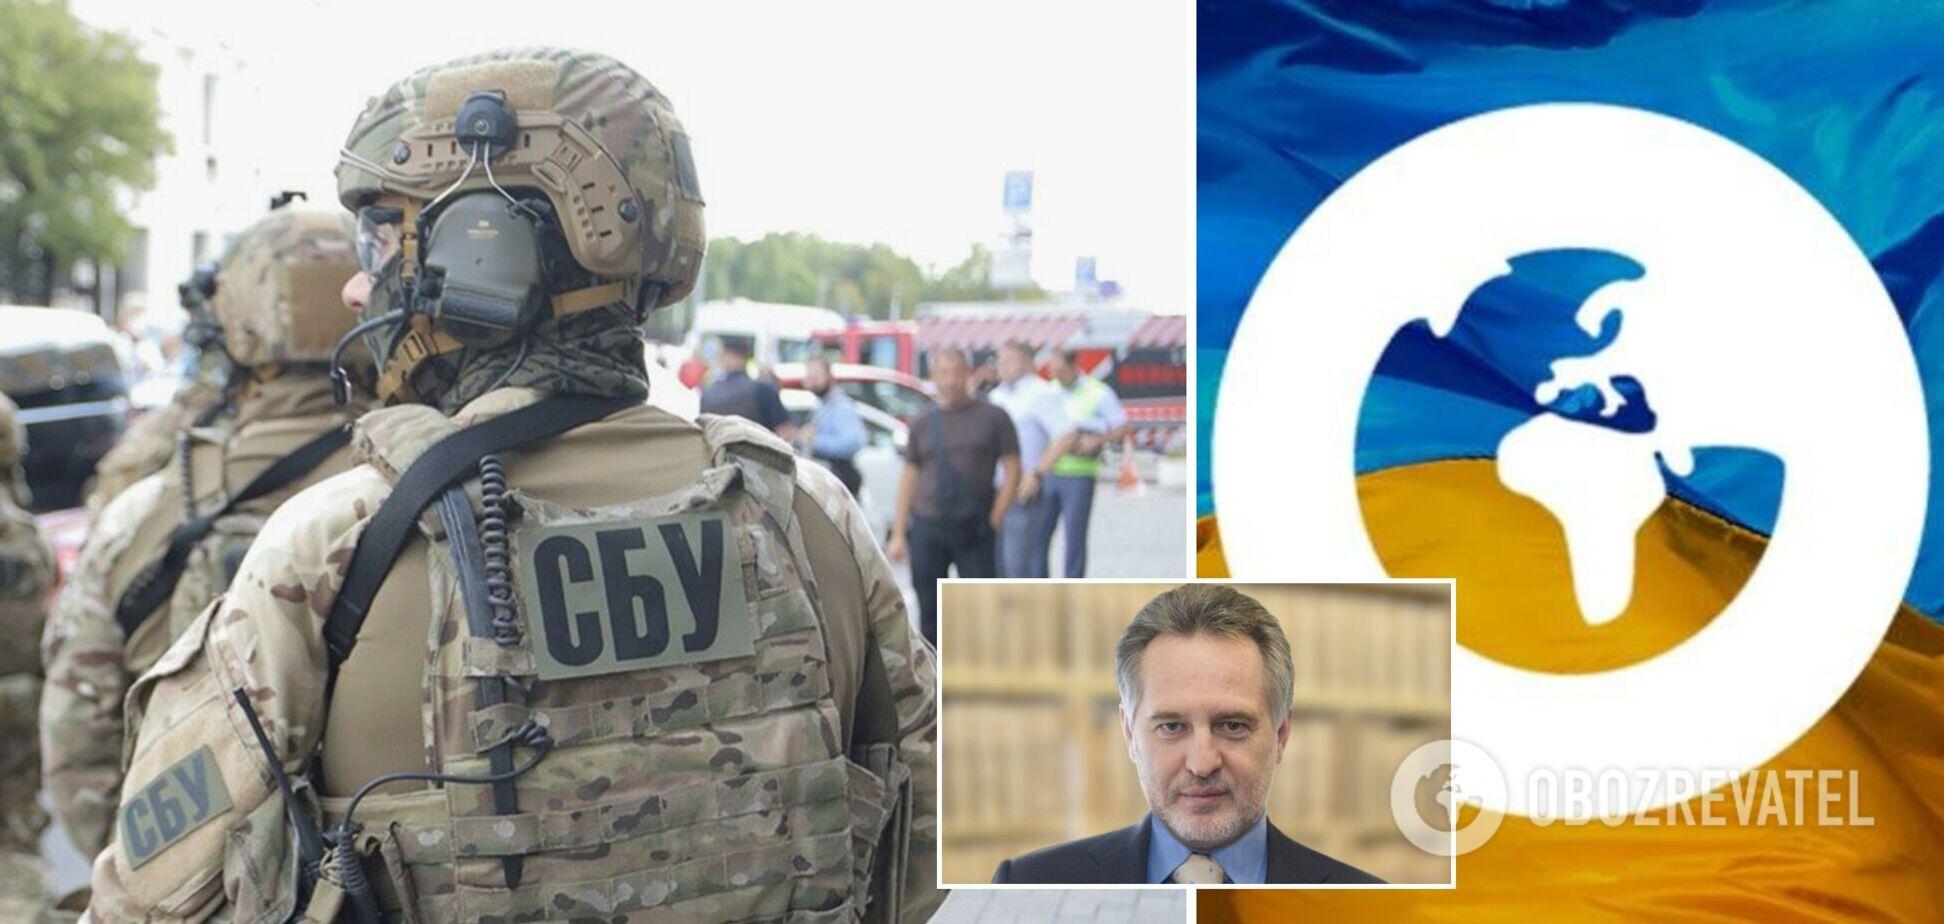 Новини України: на Прикарпаття стягнули силовиків, мати Фірташа потрапила в лікарню з інсультом